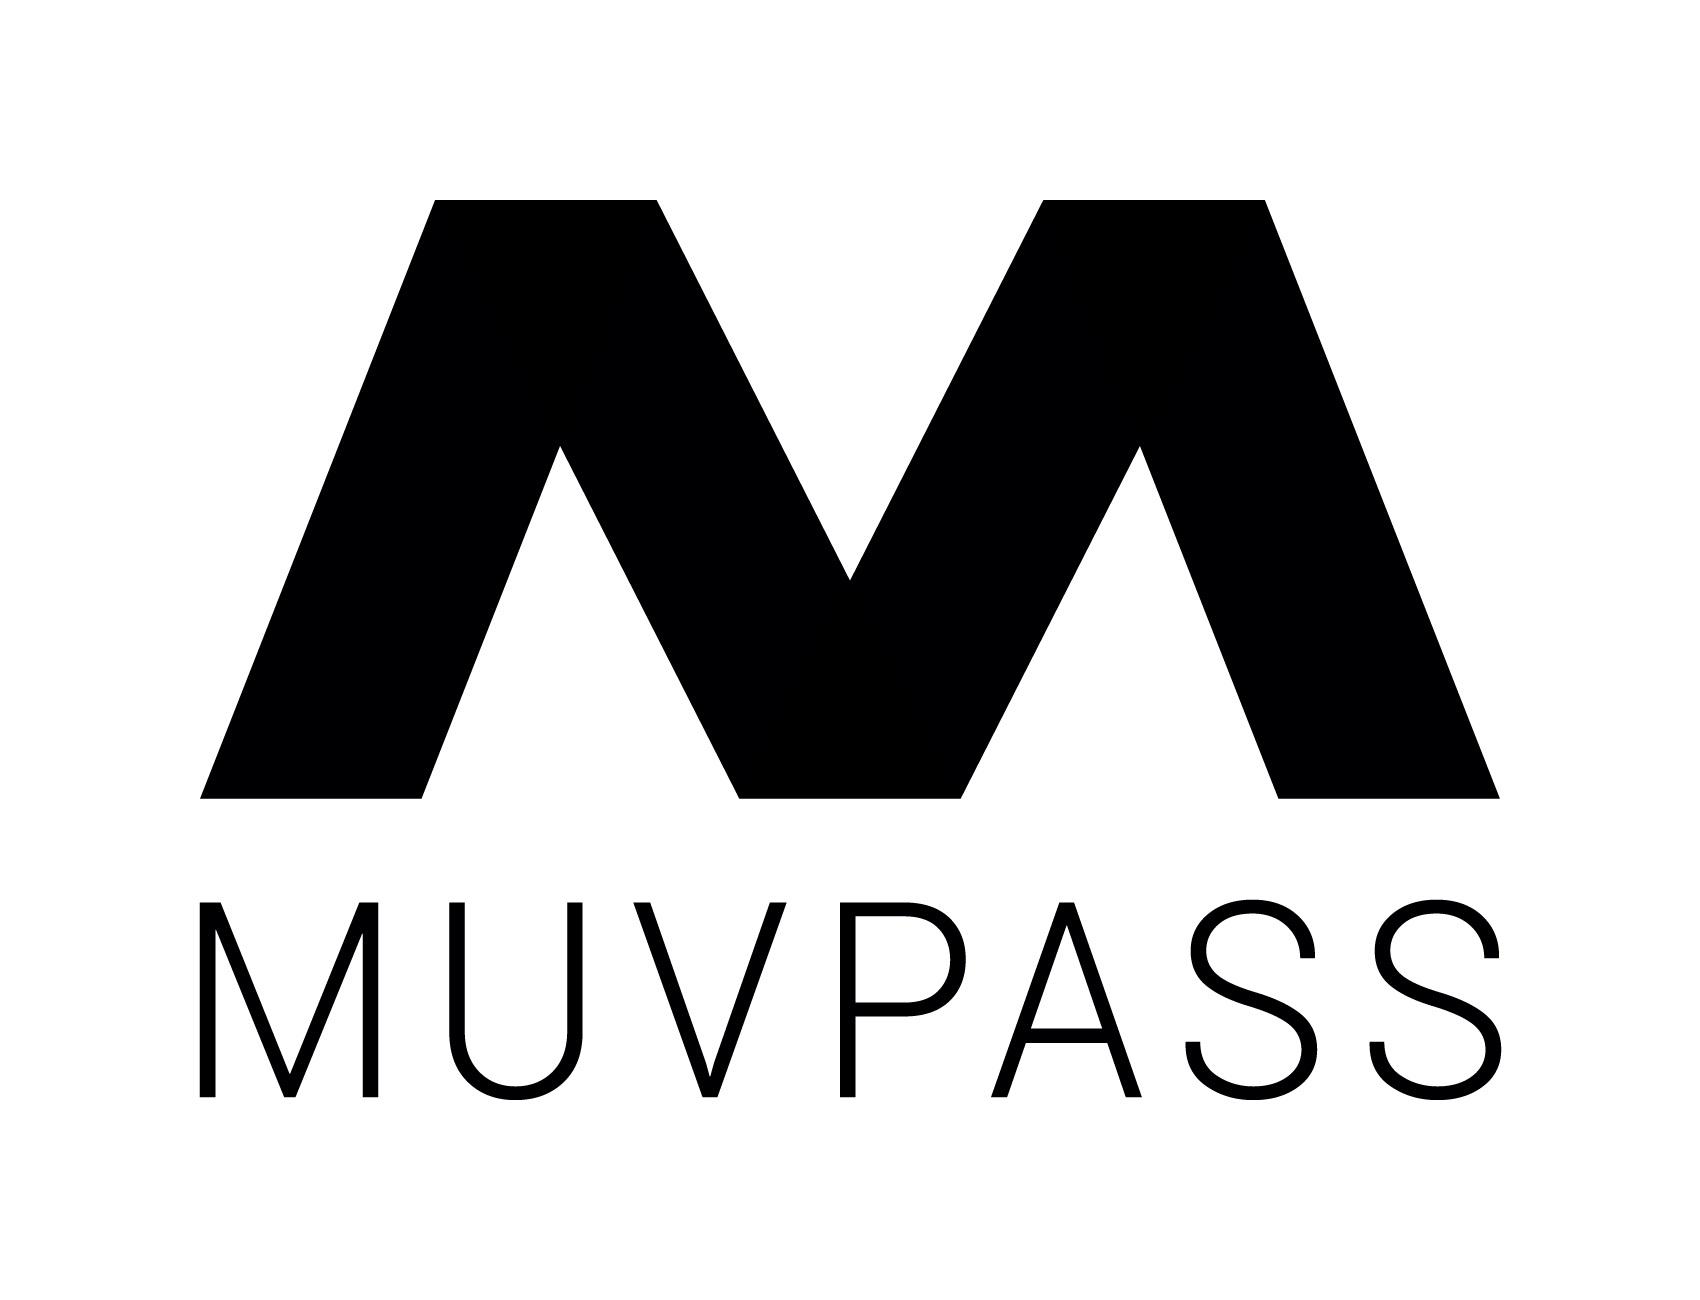 Muvpass